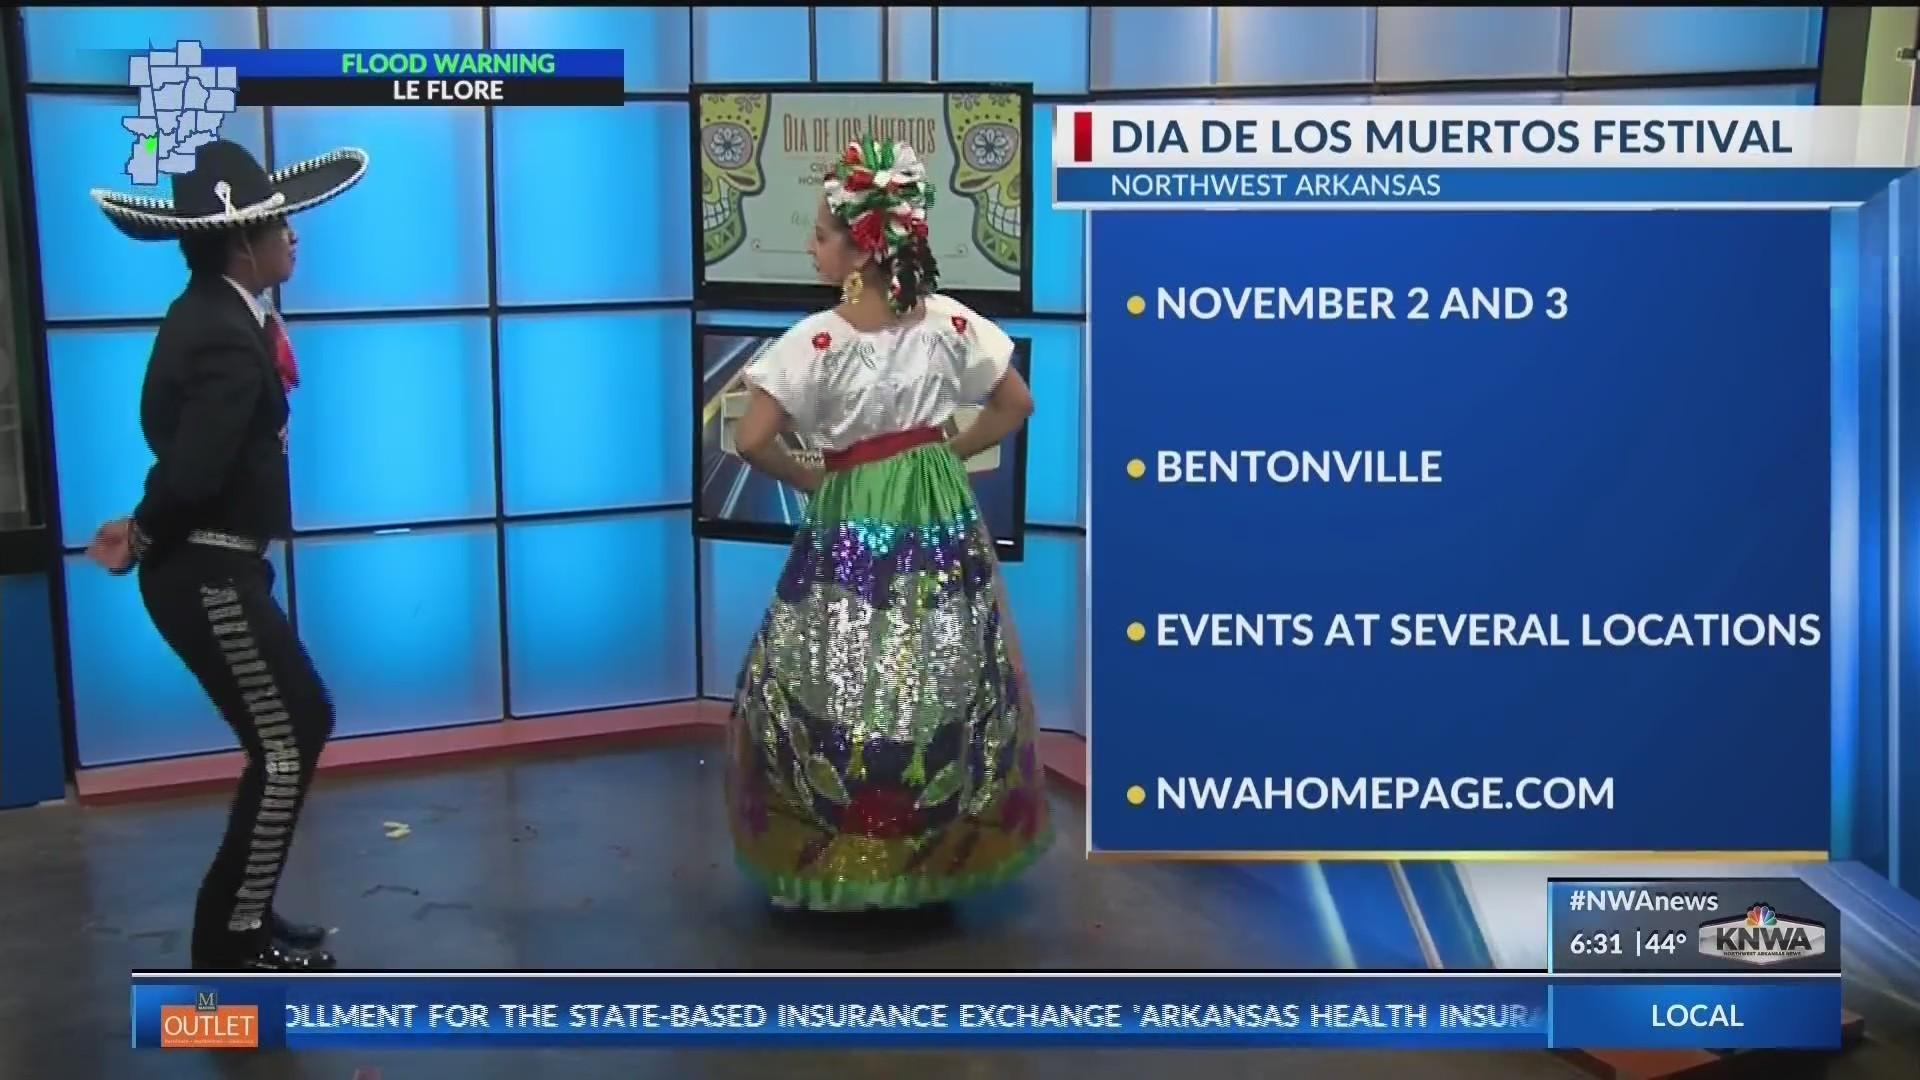 Dia_de_Los_Muertos_Interview_on_KNWA_1_20181101113803